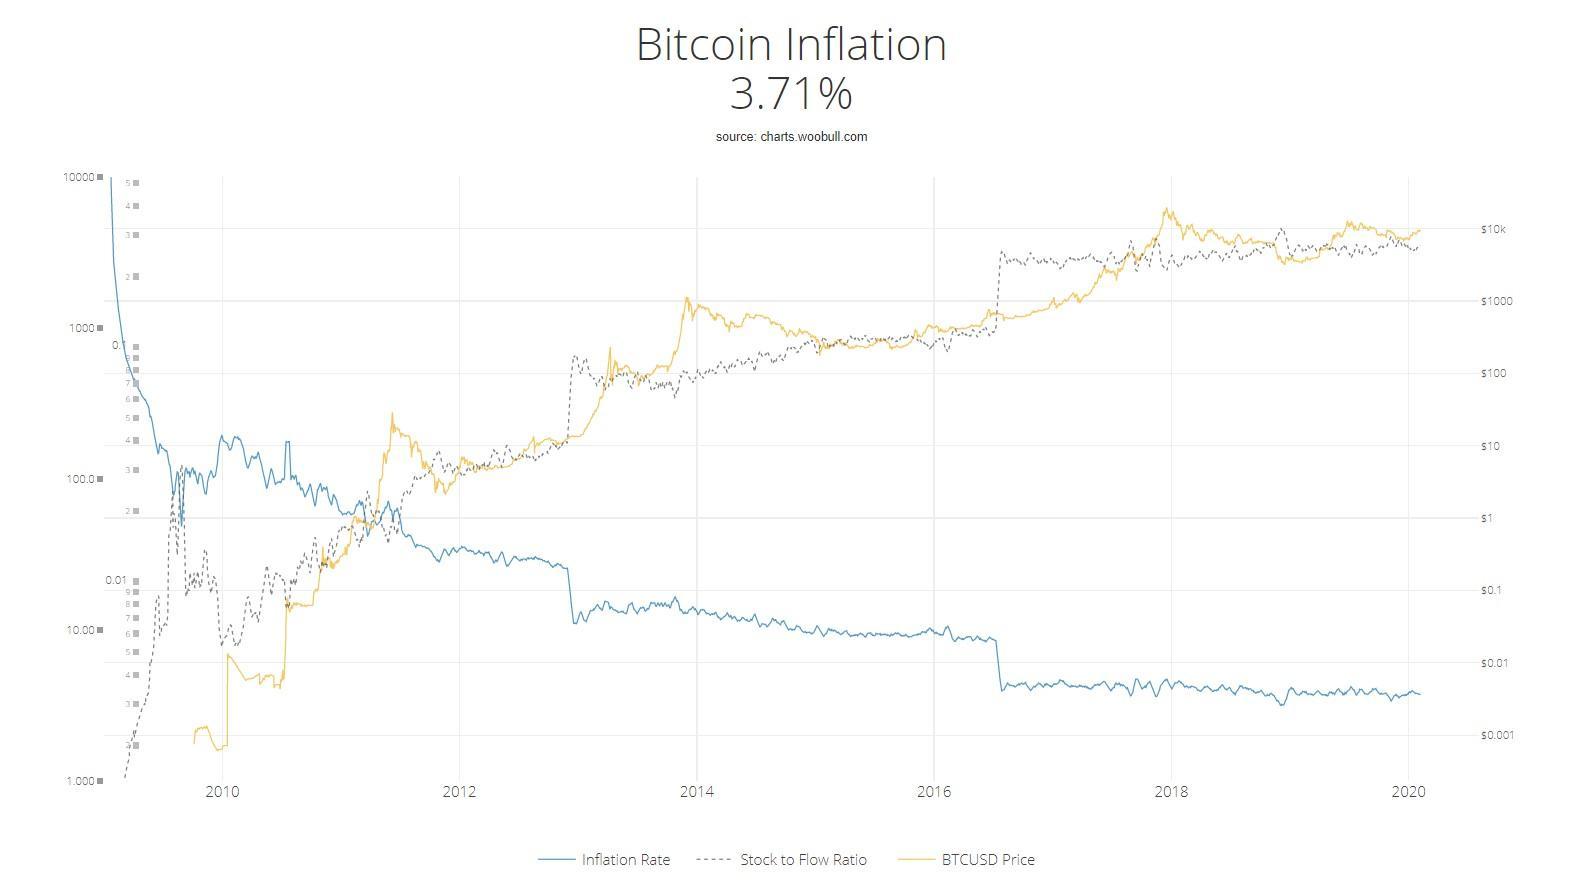 Tỉ lệ lạm phát của BTC